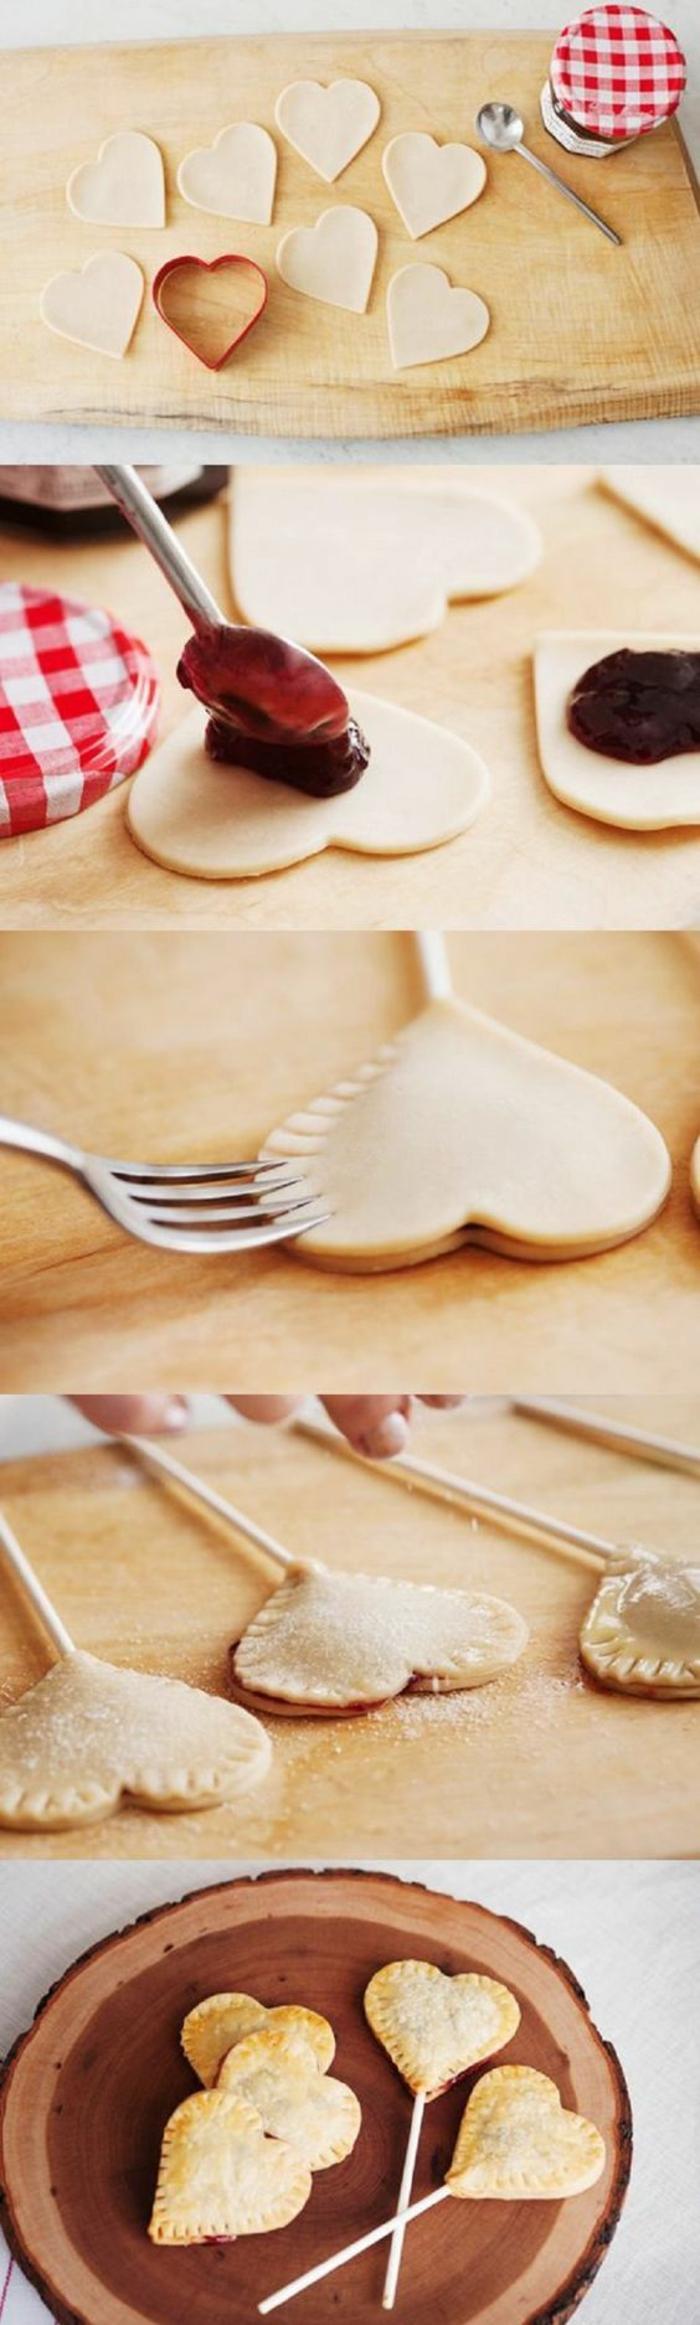 cake pops rezepte, herzen aus teig und schokolade selber machen